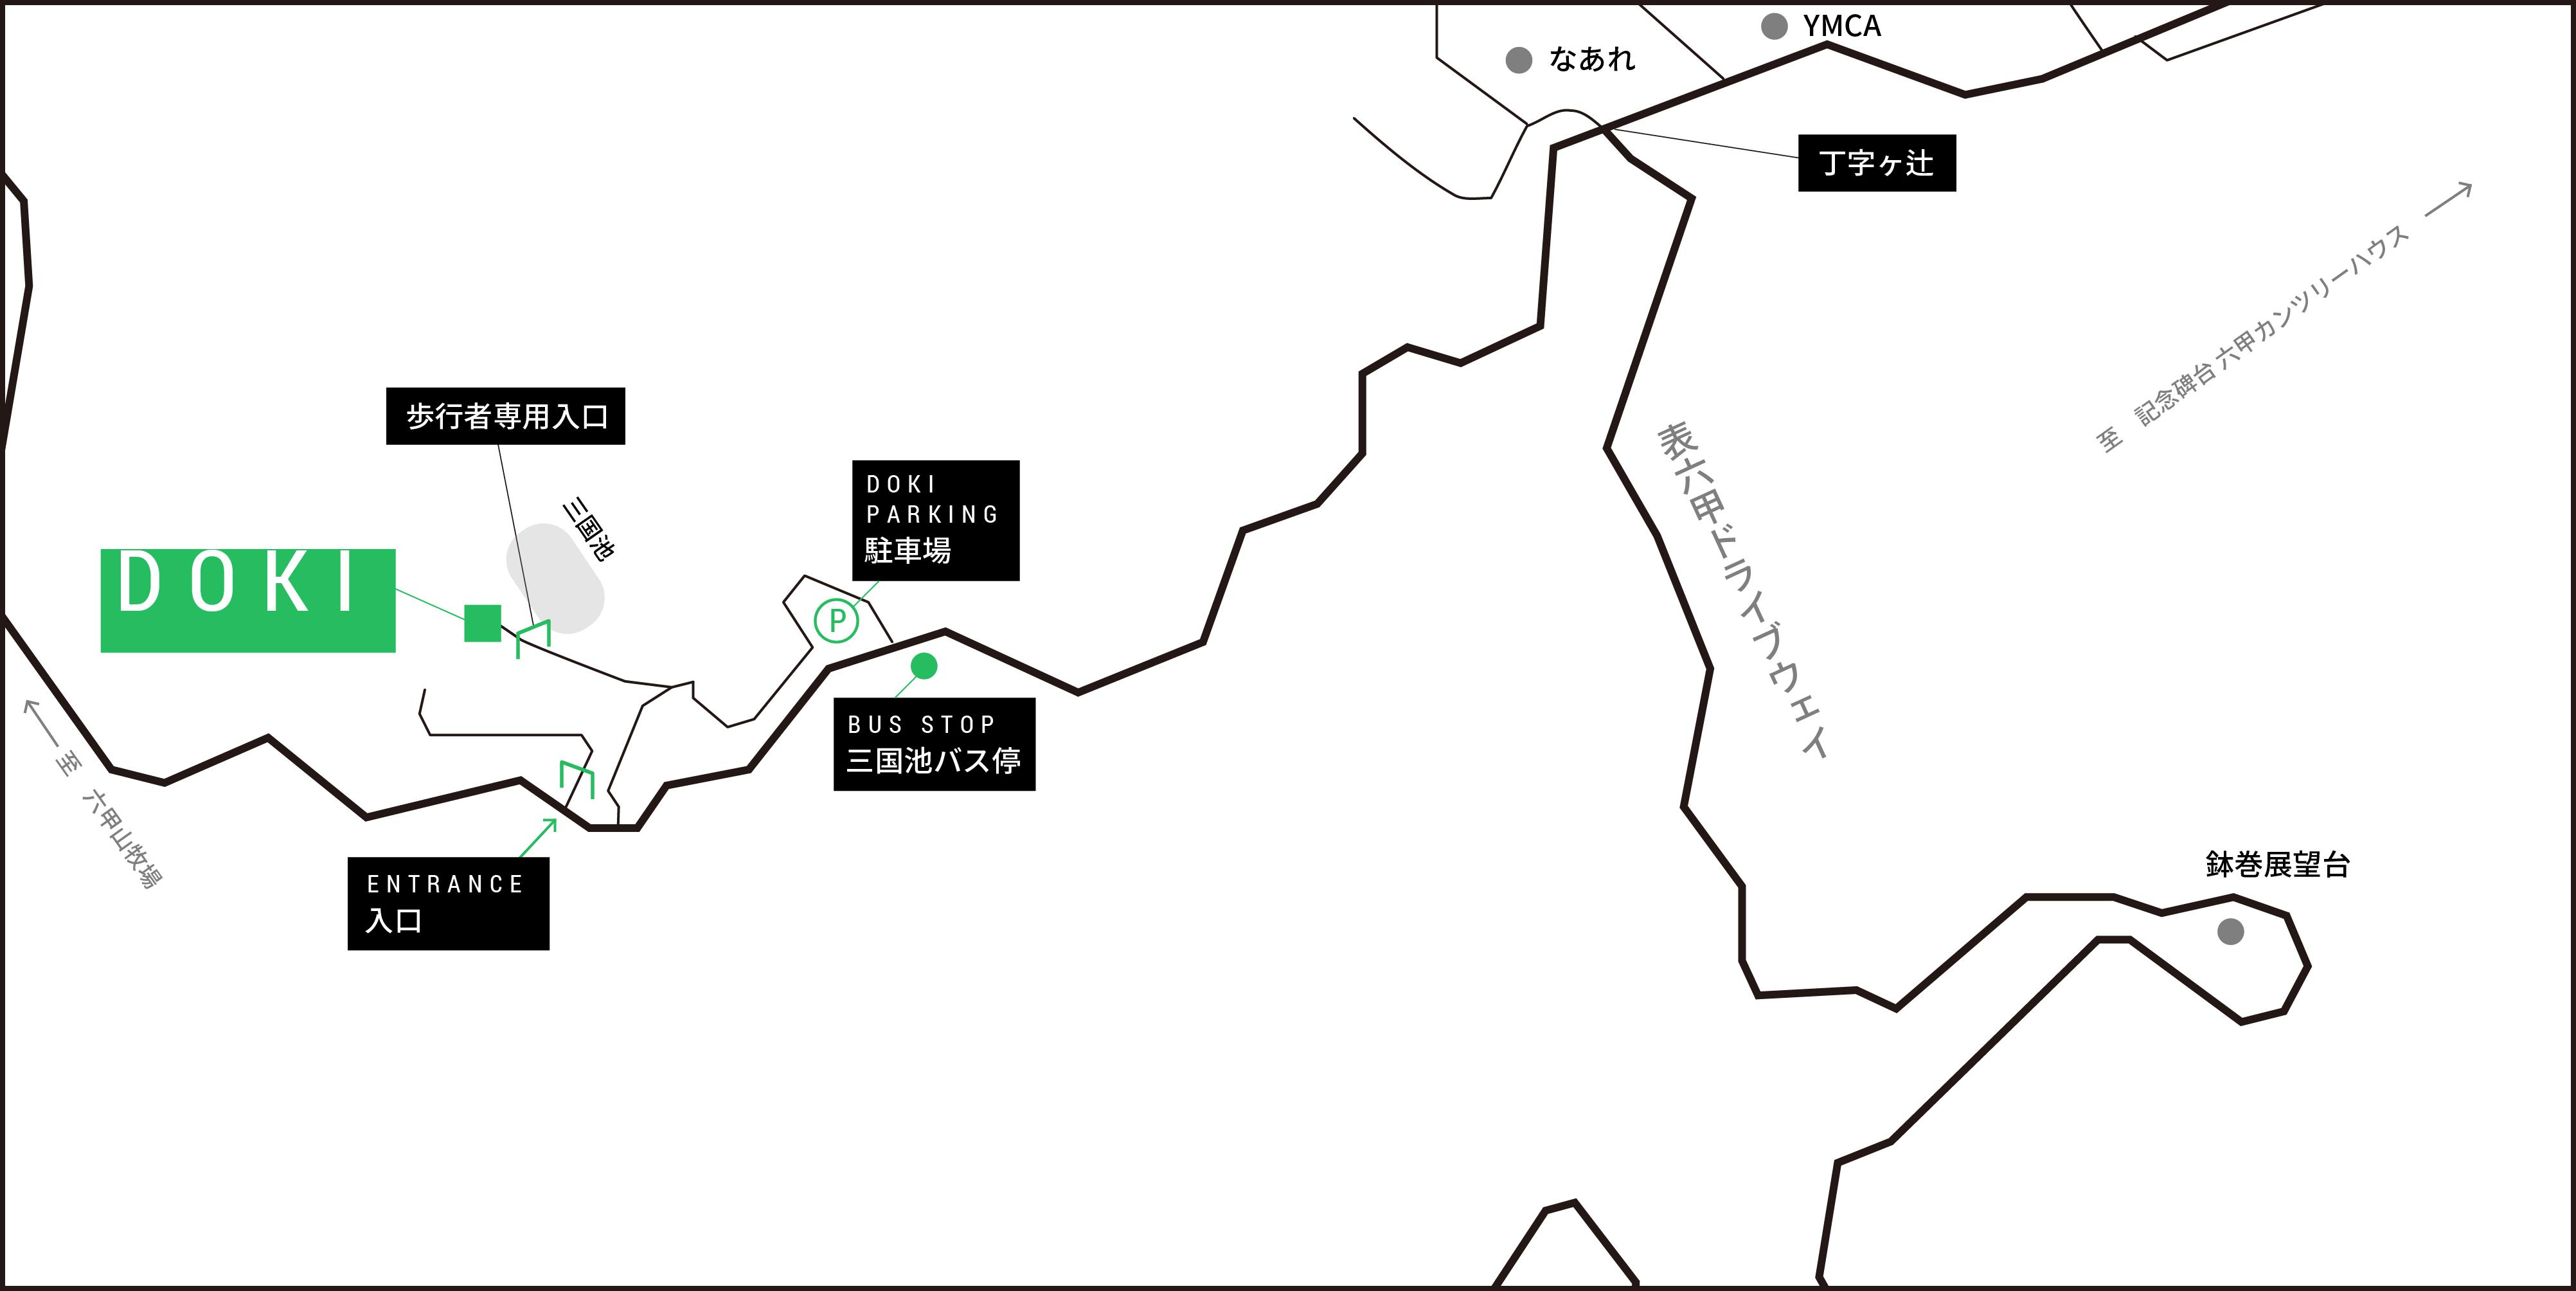 DOKIまでの道のり経路図